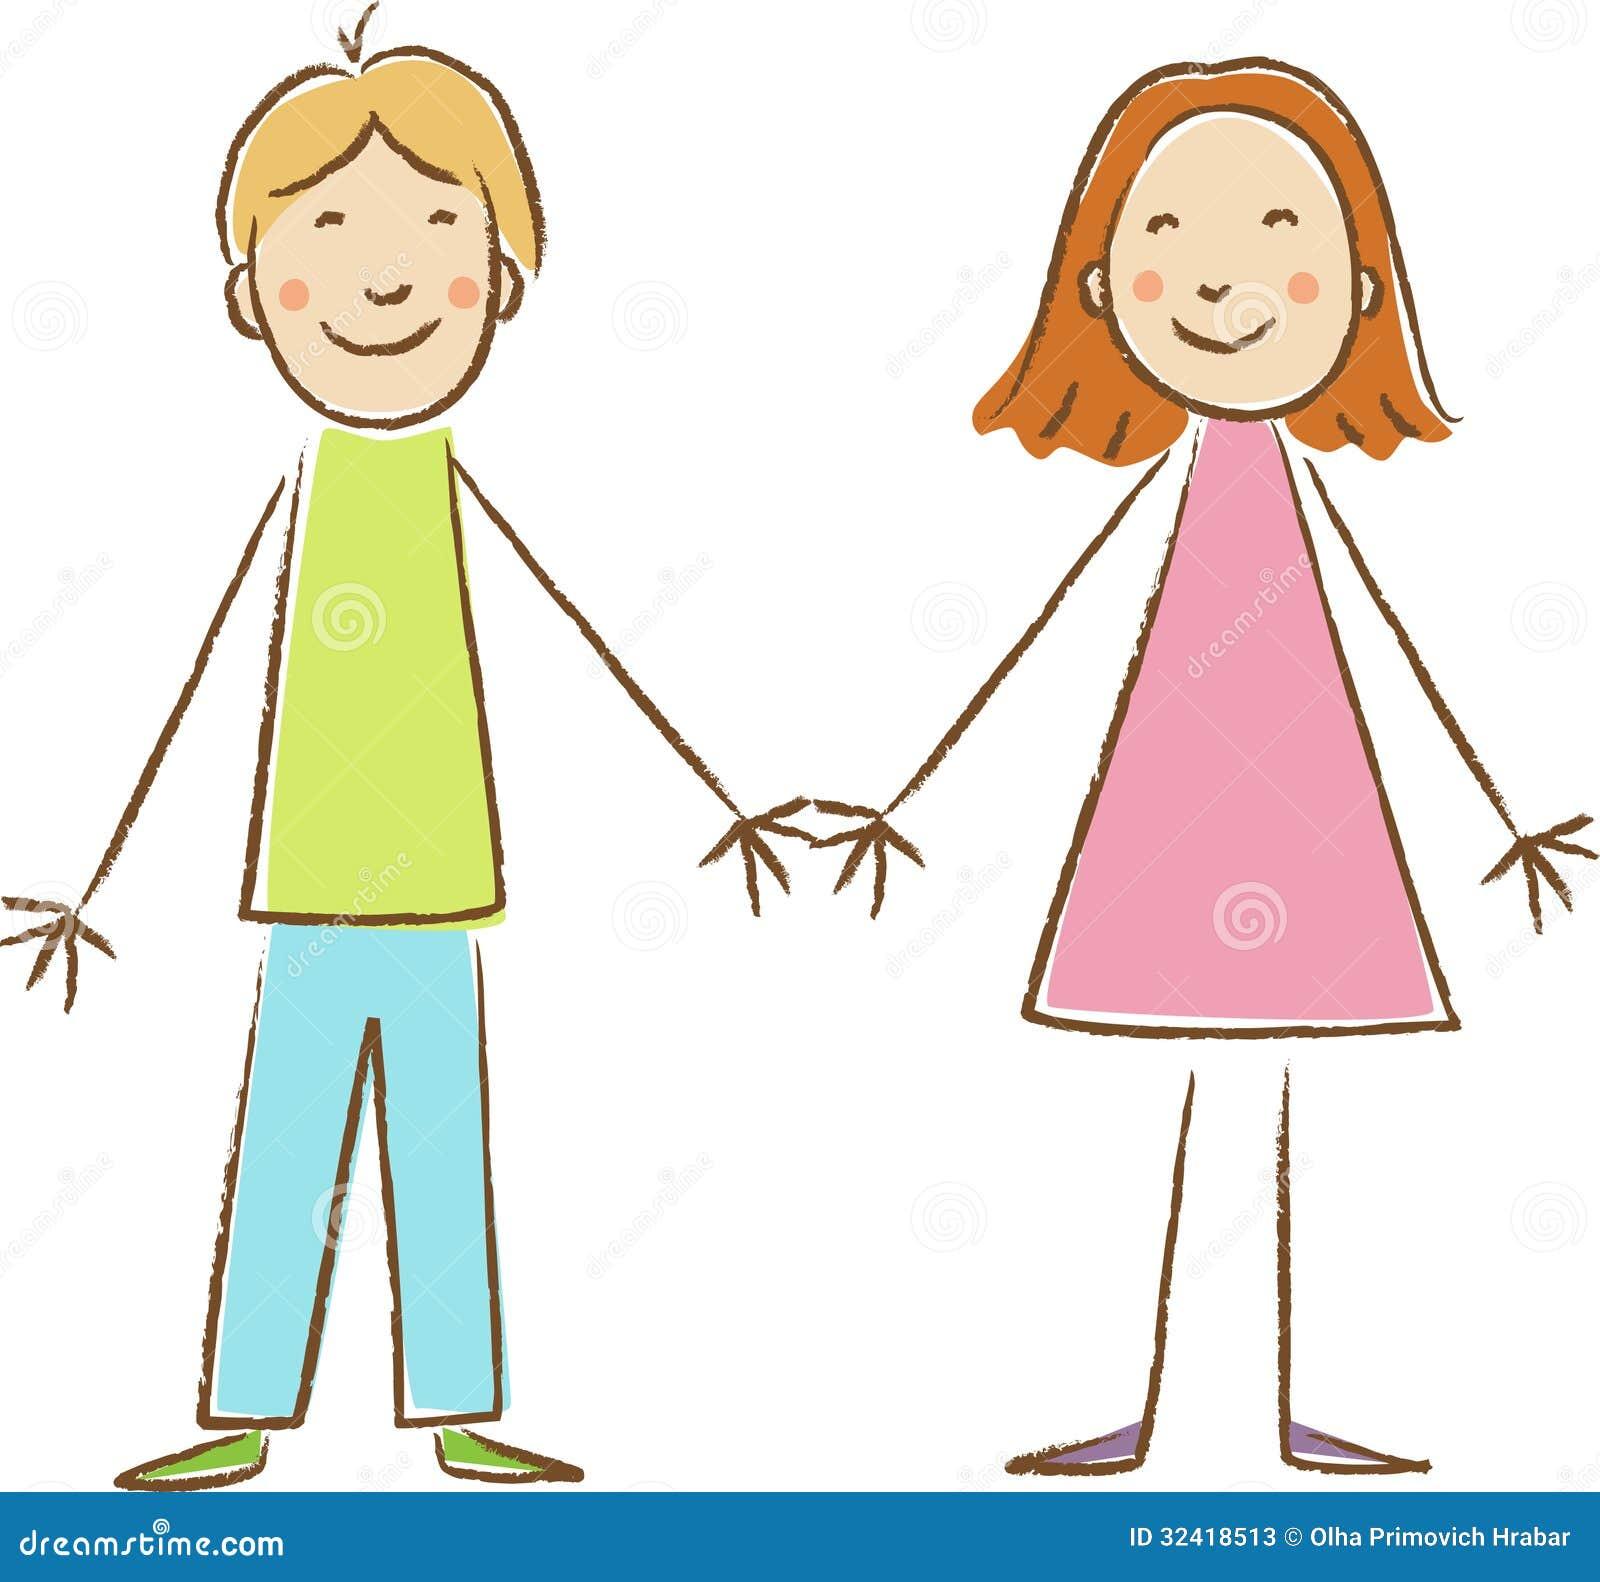 Disegno dei bambini. tenersi per mano della ragazza e del ragazzo